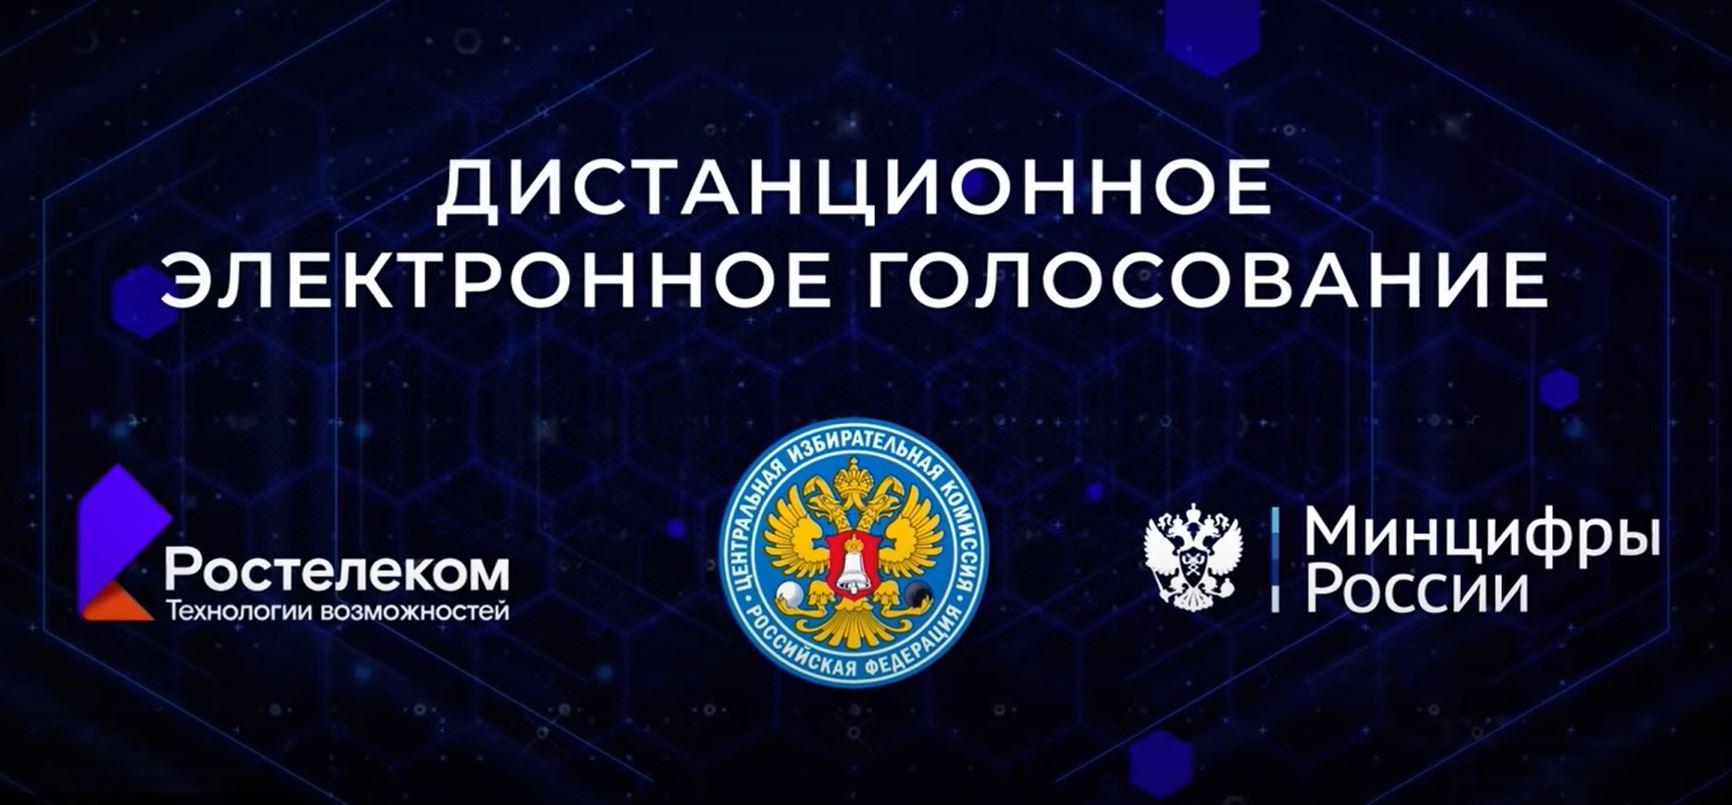 «Ростелеком» адаптировал портал системы дистанционного электронного голосования для слабовидящих